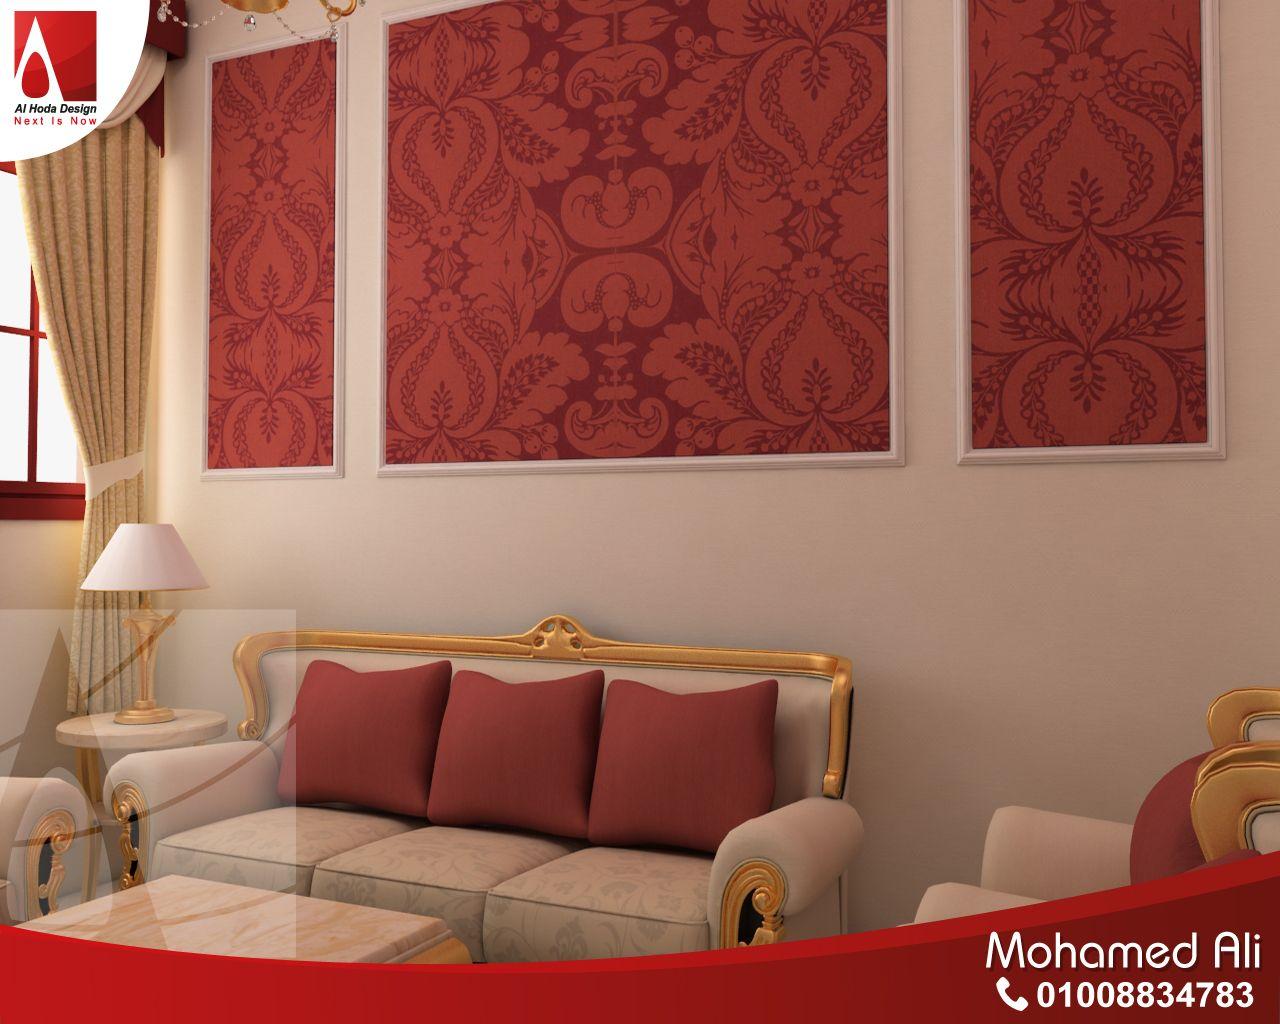 صالون نيو كلاسيك مع ورق حائط للخلفية Room Decor Home Decor Decor